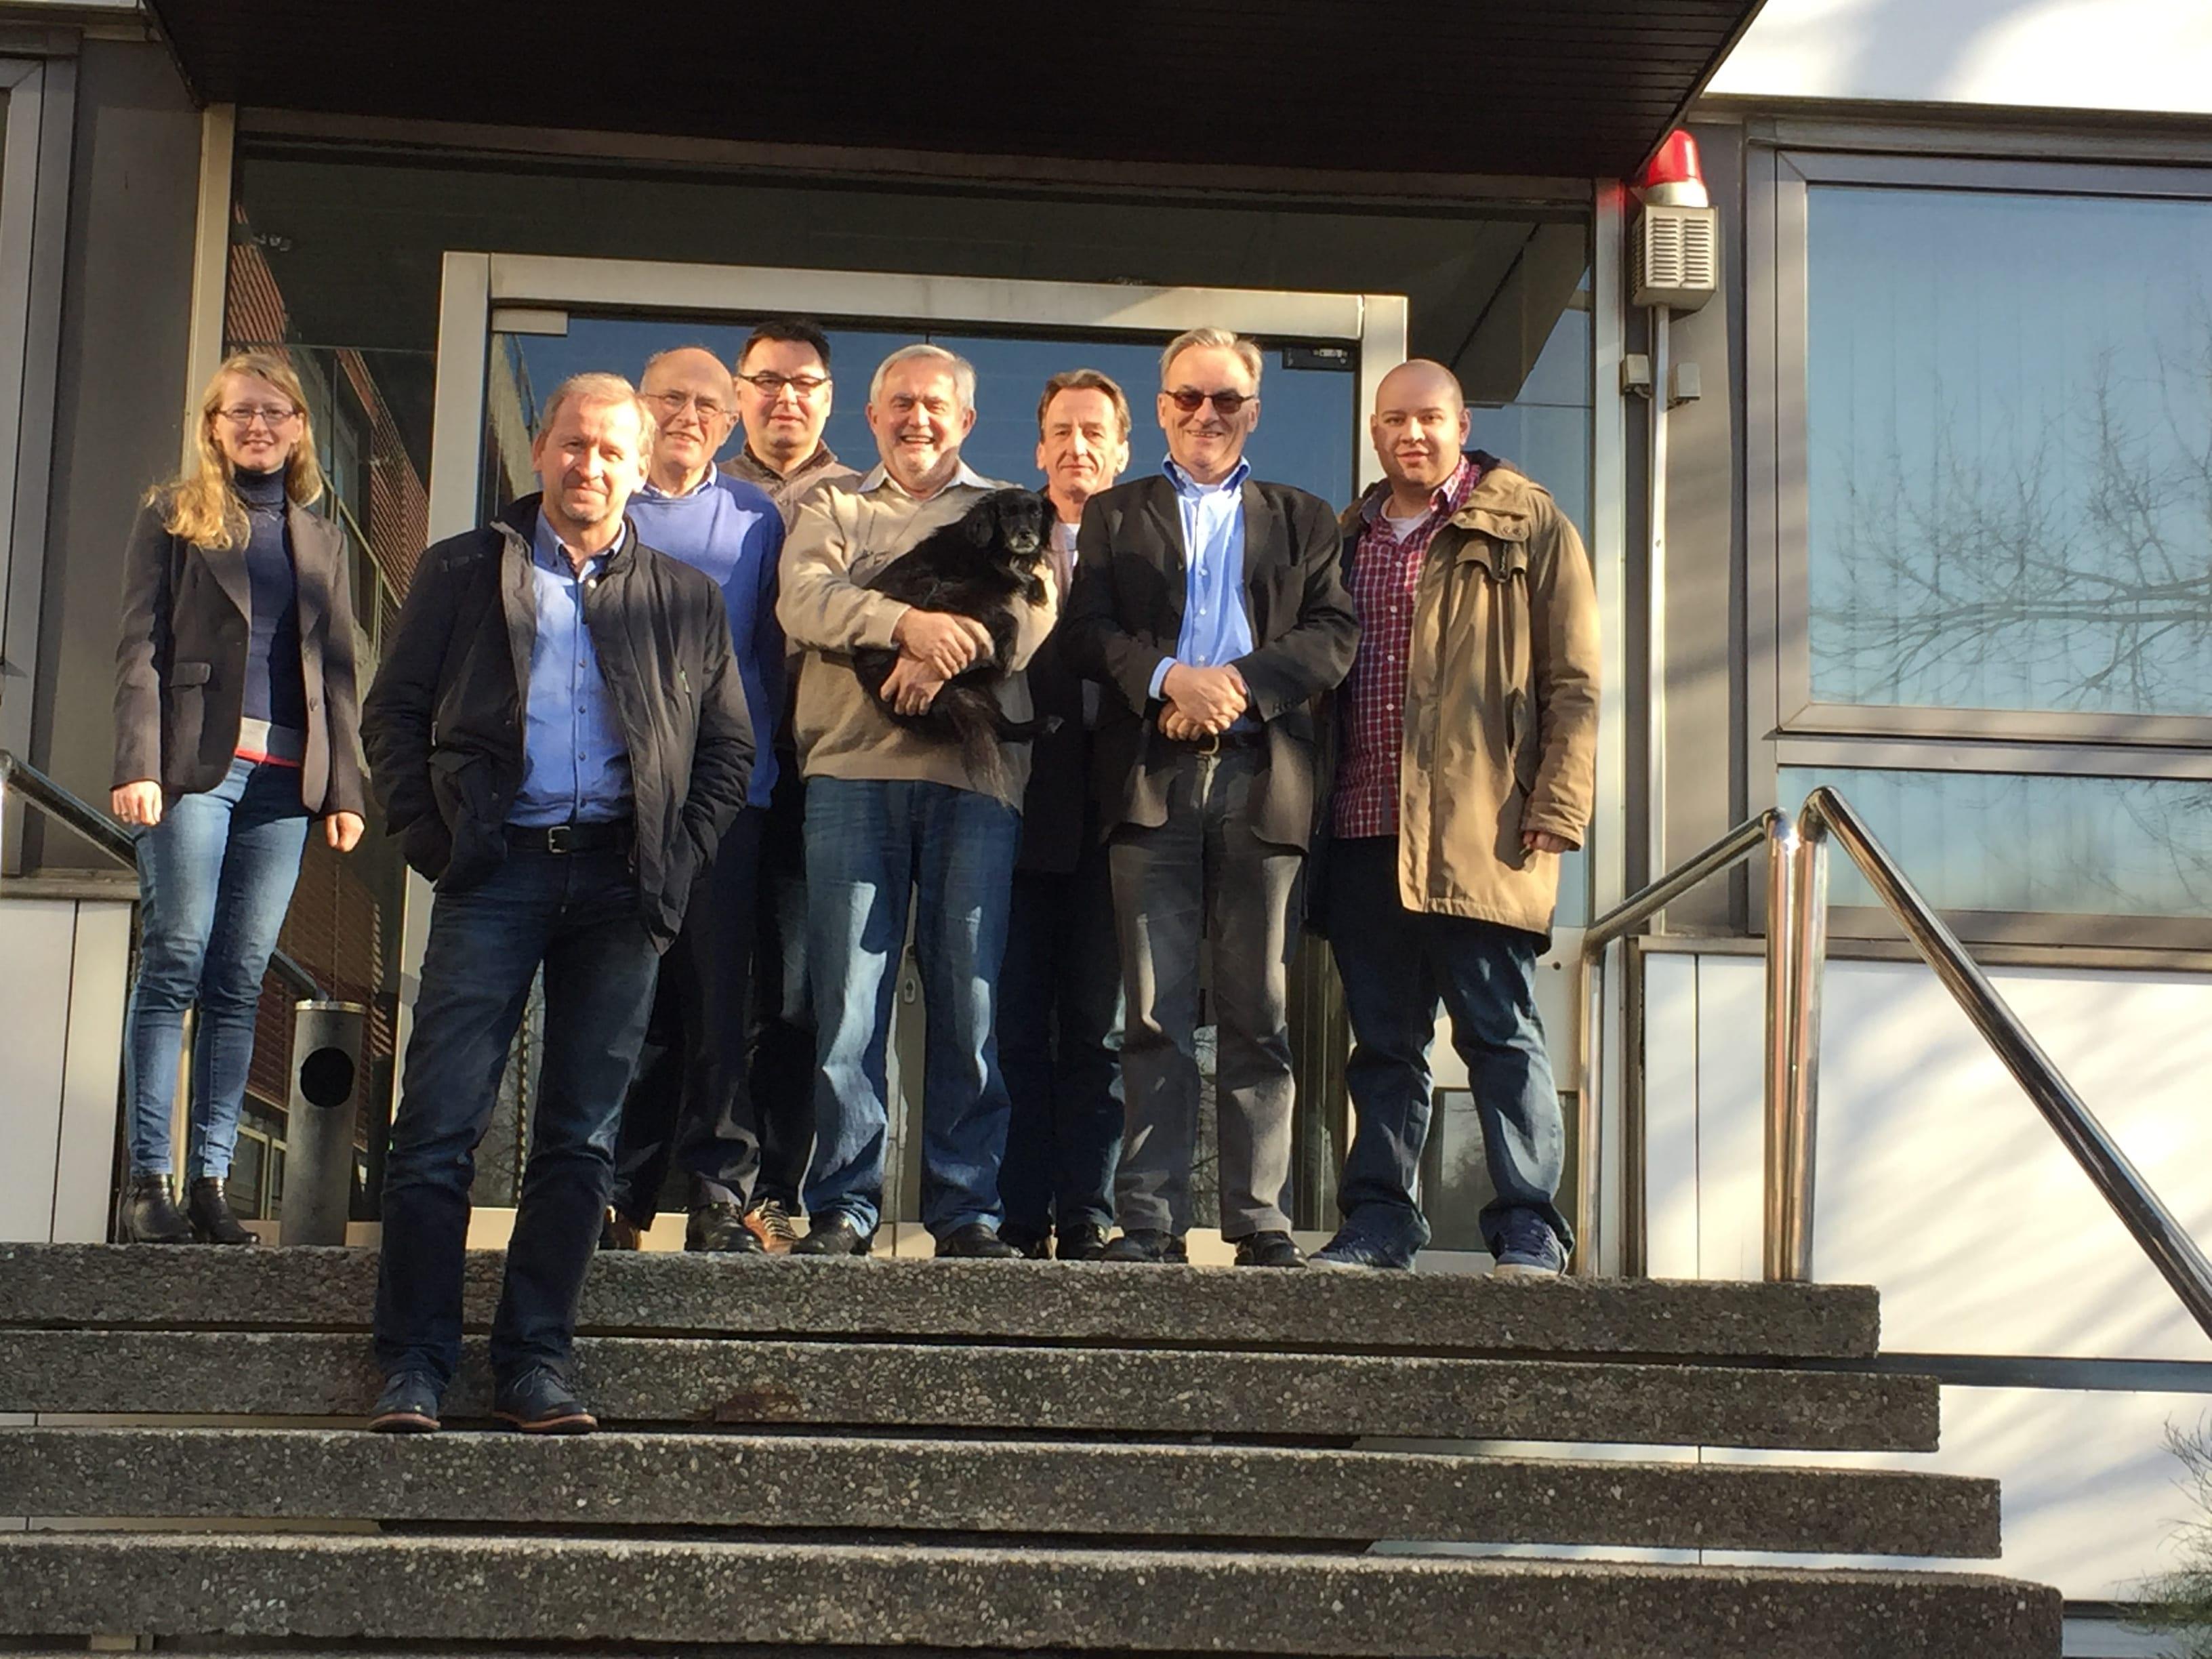 Teilnehmer der MITO-Experten-Zertifizierung im Febraur 2016